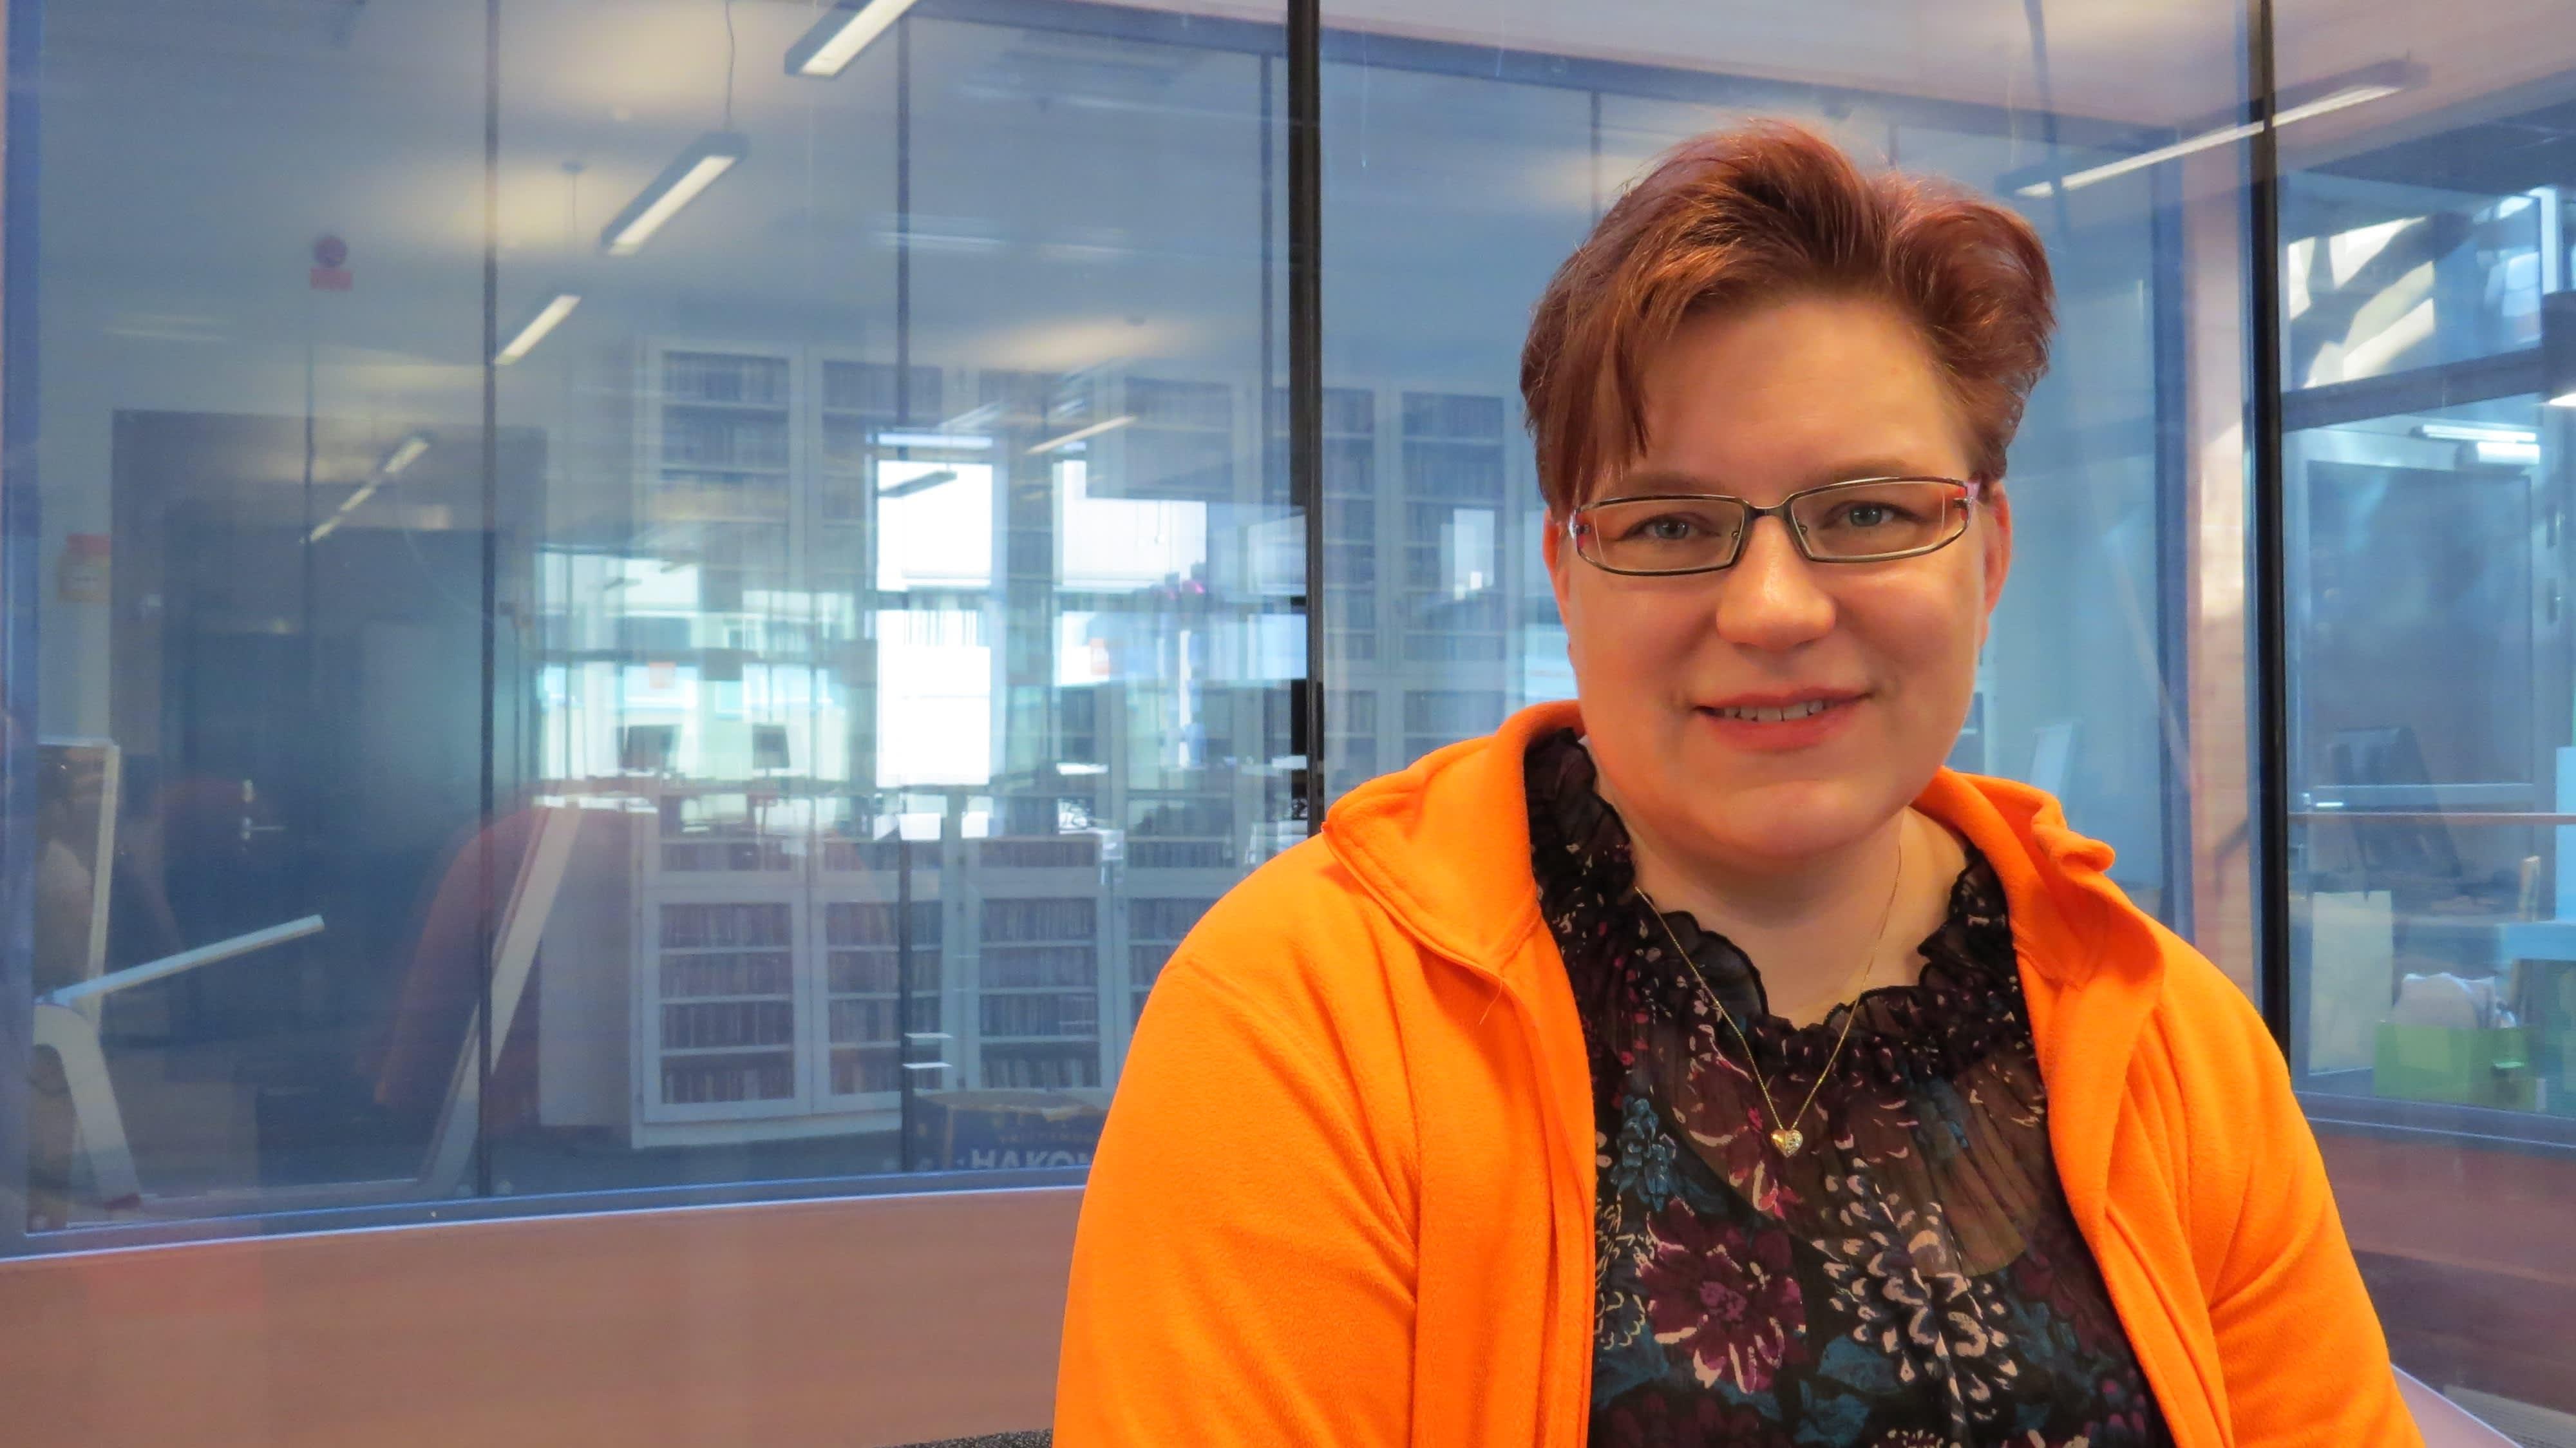 Vuoden 2015 Keski-Suomen Yrittäjänaisten vuoden nuori yrittäjänainen on yksityinen yritysneuvoja, yrityssparraaja Sanna Jylänki, Redesan Oy:stä.